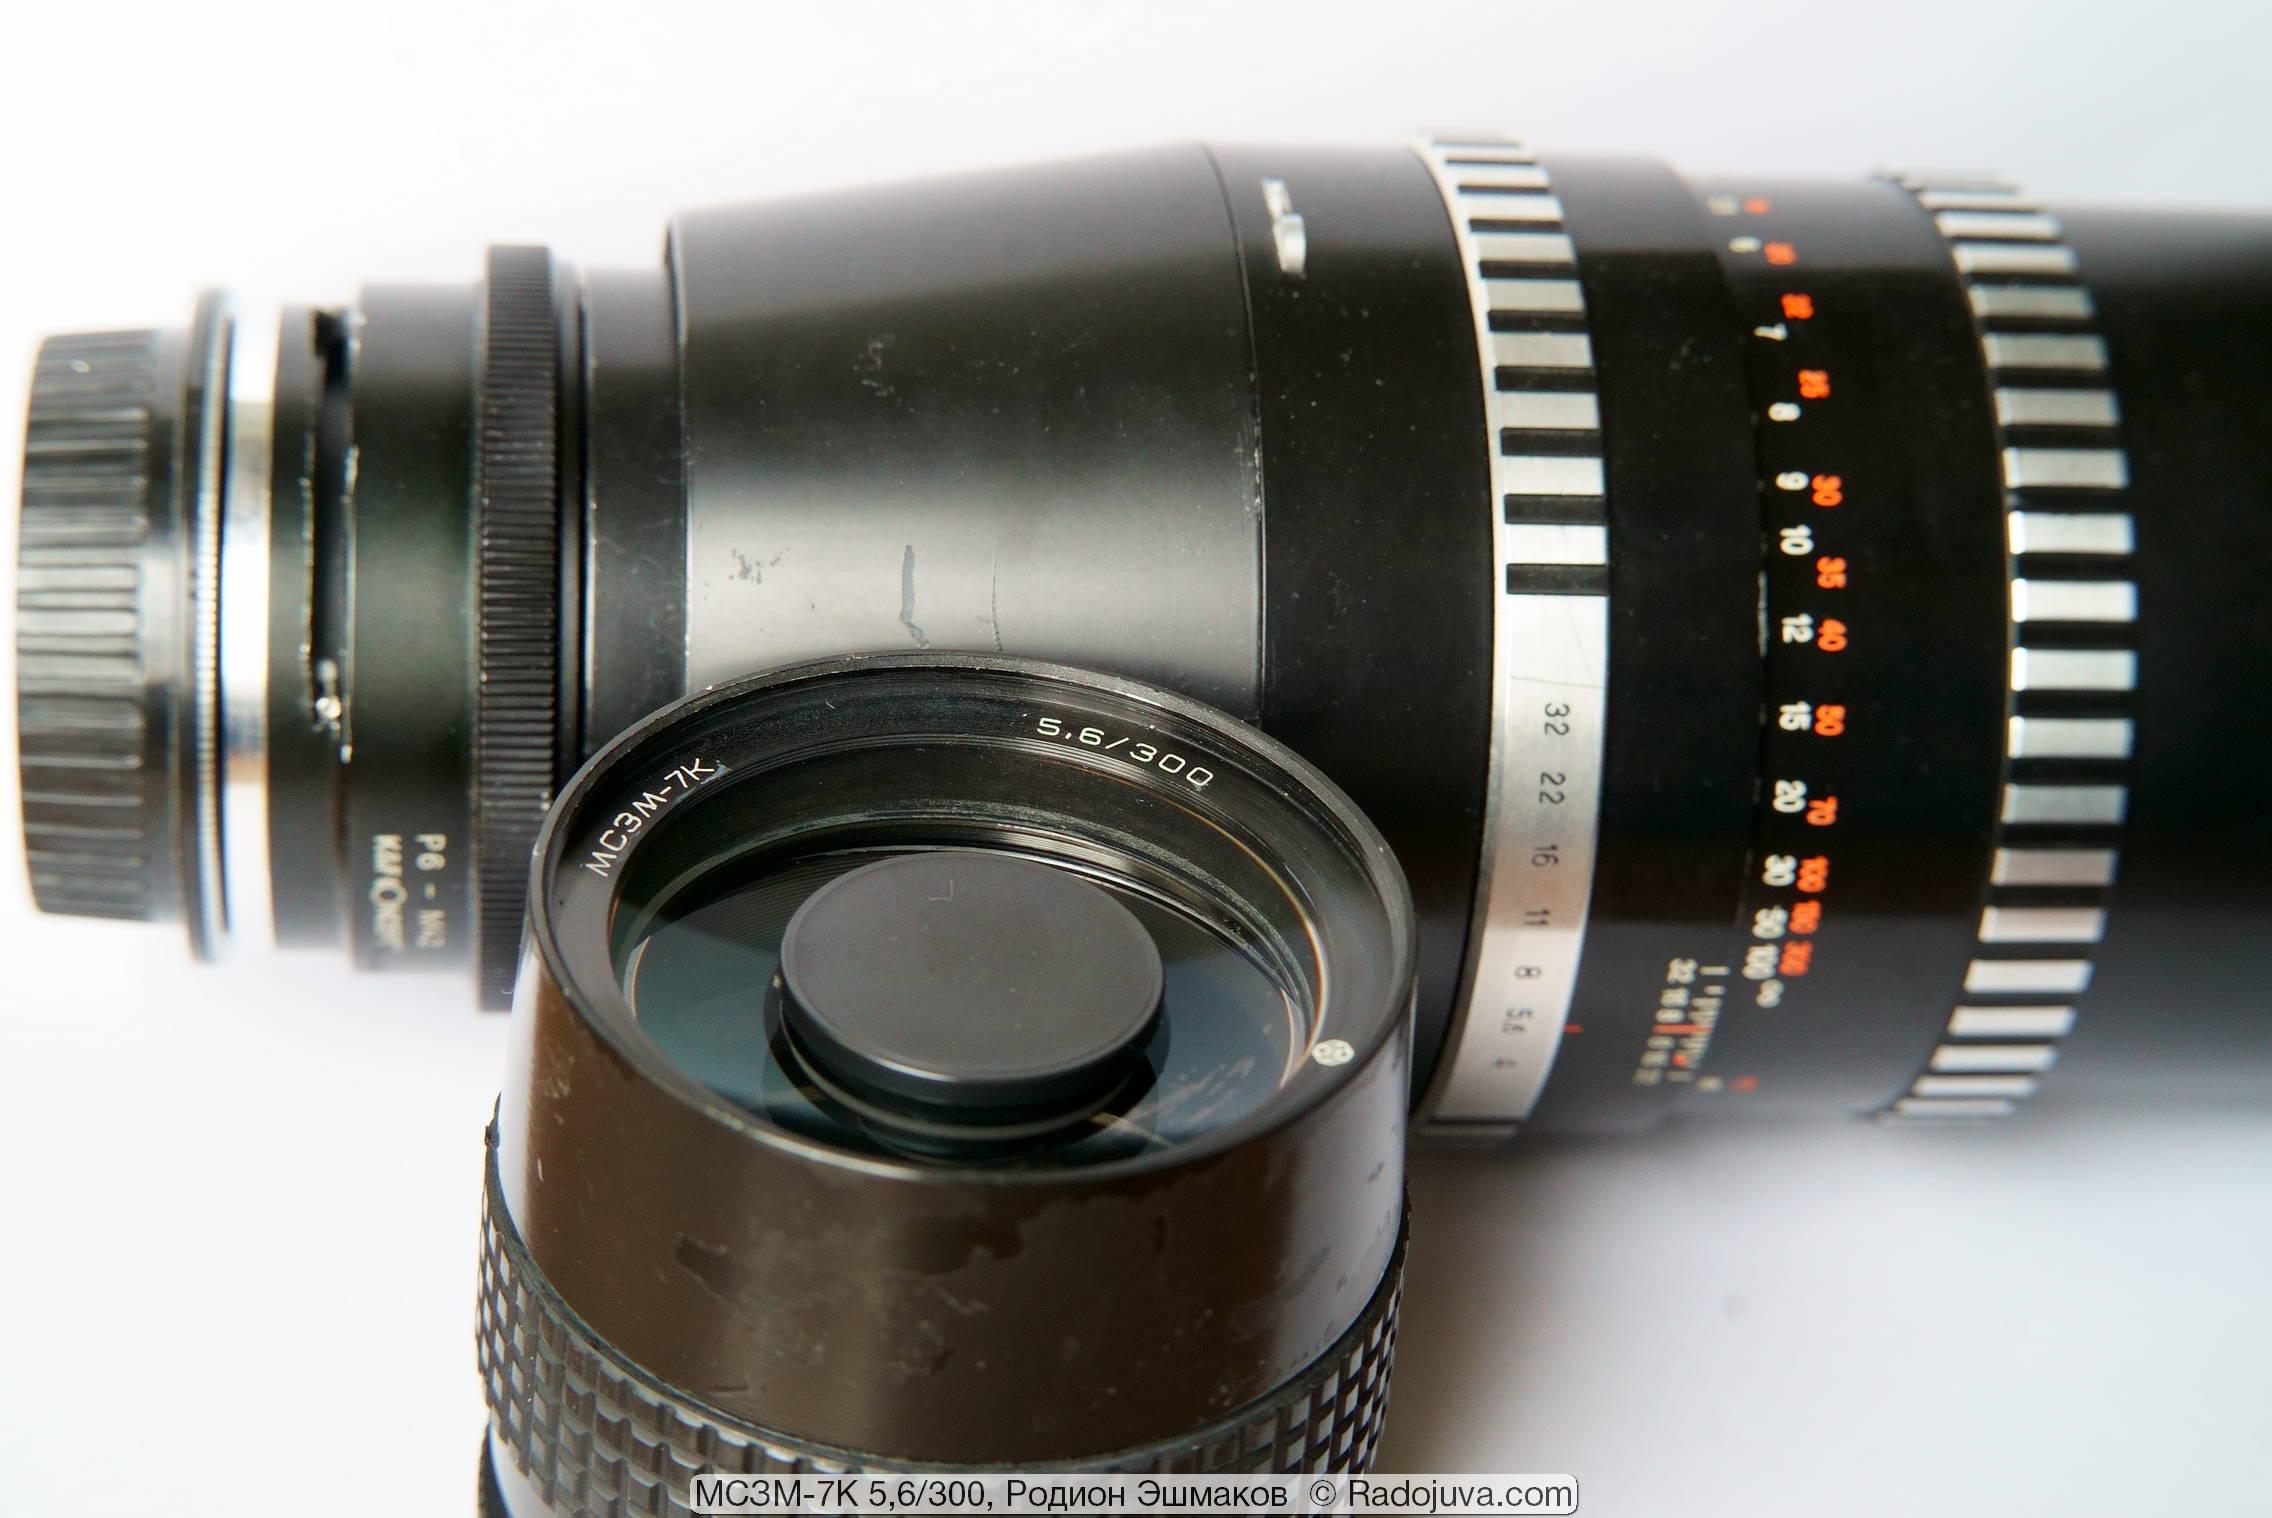 Велик ли шанс того, что двухкилограммовый Sonnar 4/300 часто будет к фотокофре? А вот полкило на МС ЗМ-7К может и найтись.